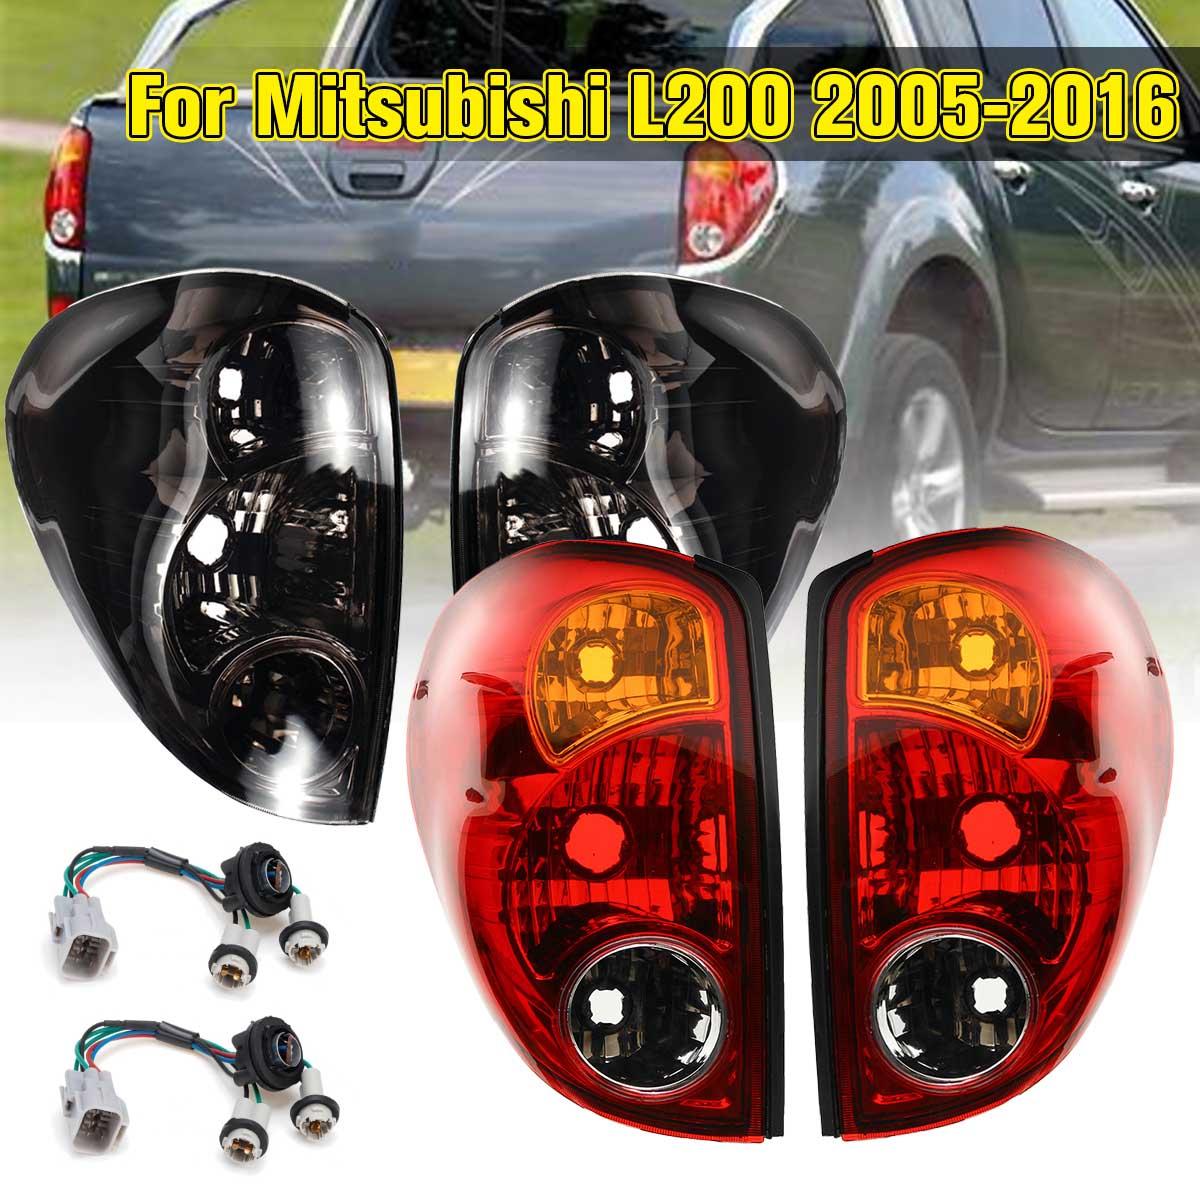 Auto Rückleuchten für Mitsubishi L200 Triton Colt 2005-2016 Pickup 1 Paar Hinten Lampe Rückleuchten Bremse Mit Draht ersatz Rauch